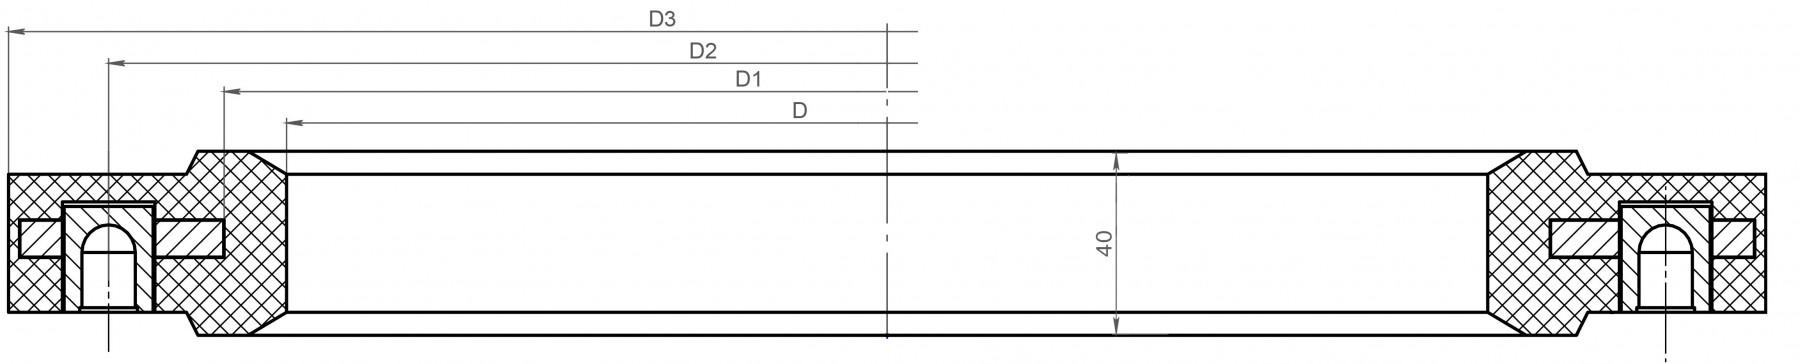 седло для пробки флотомашины в разрезе чертеж